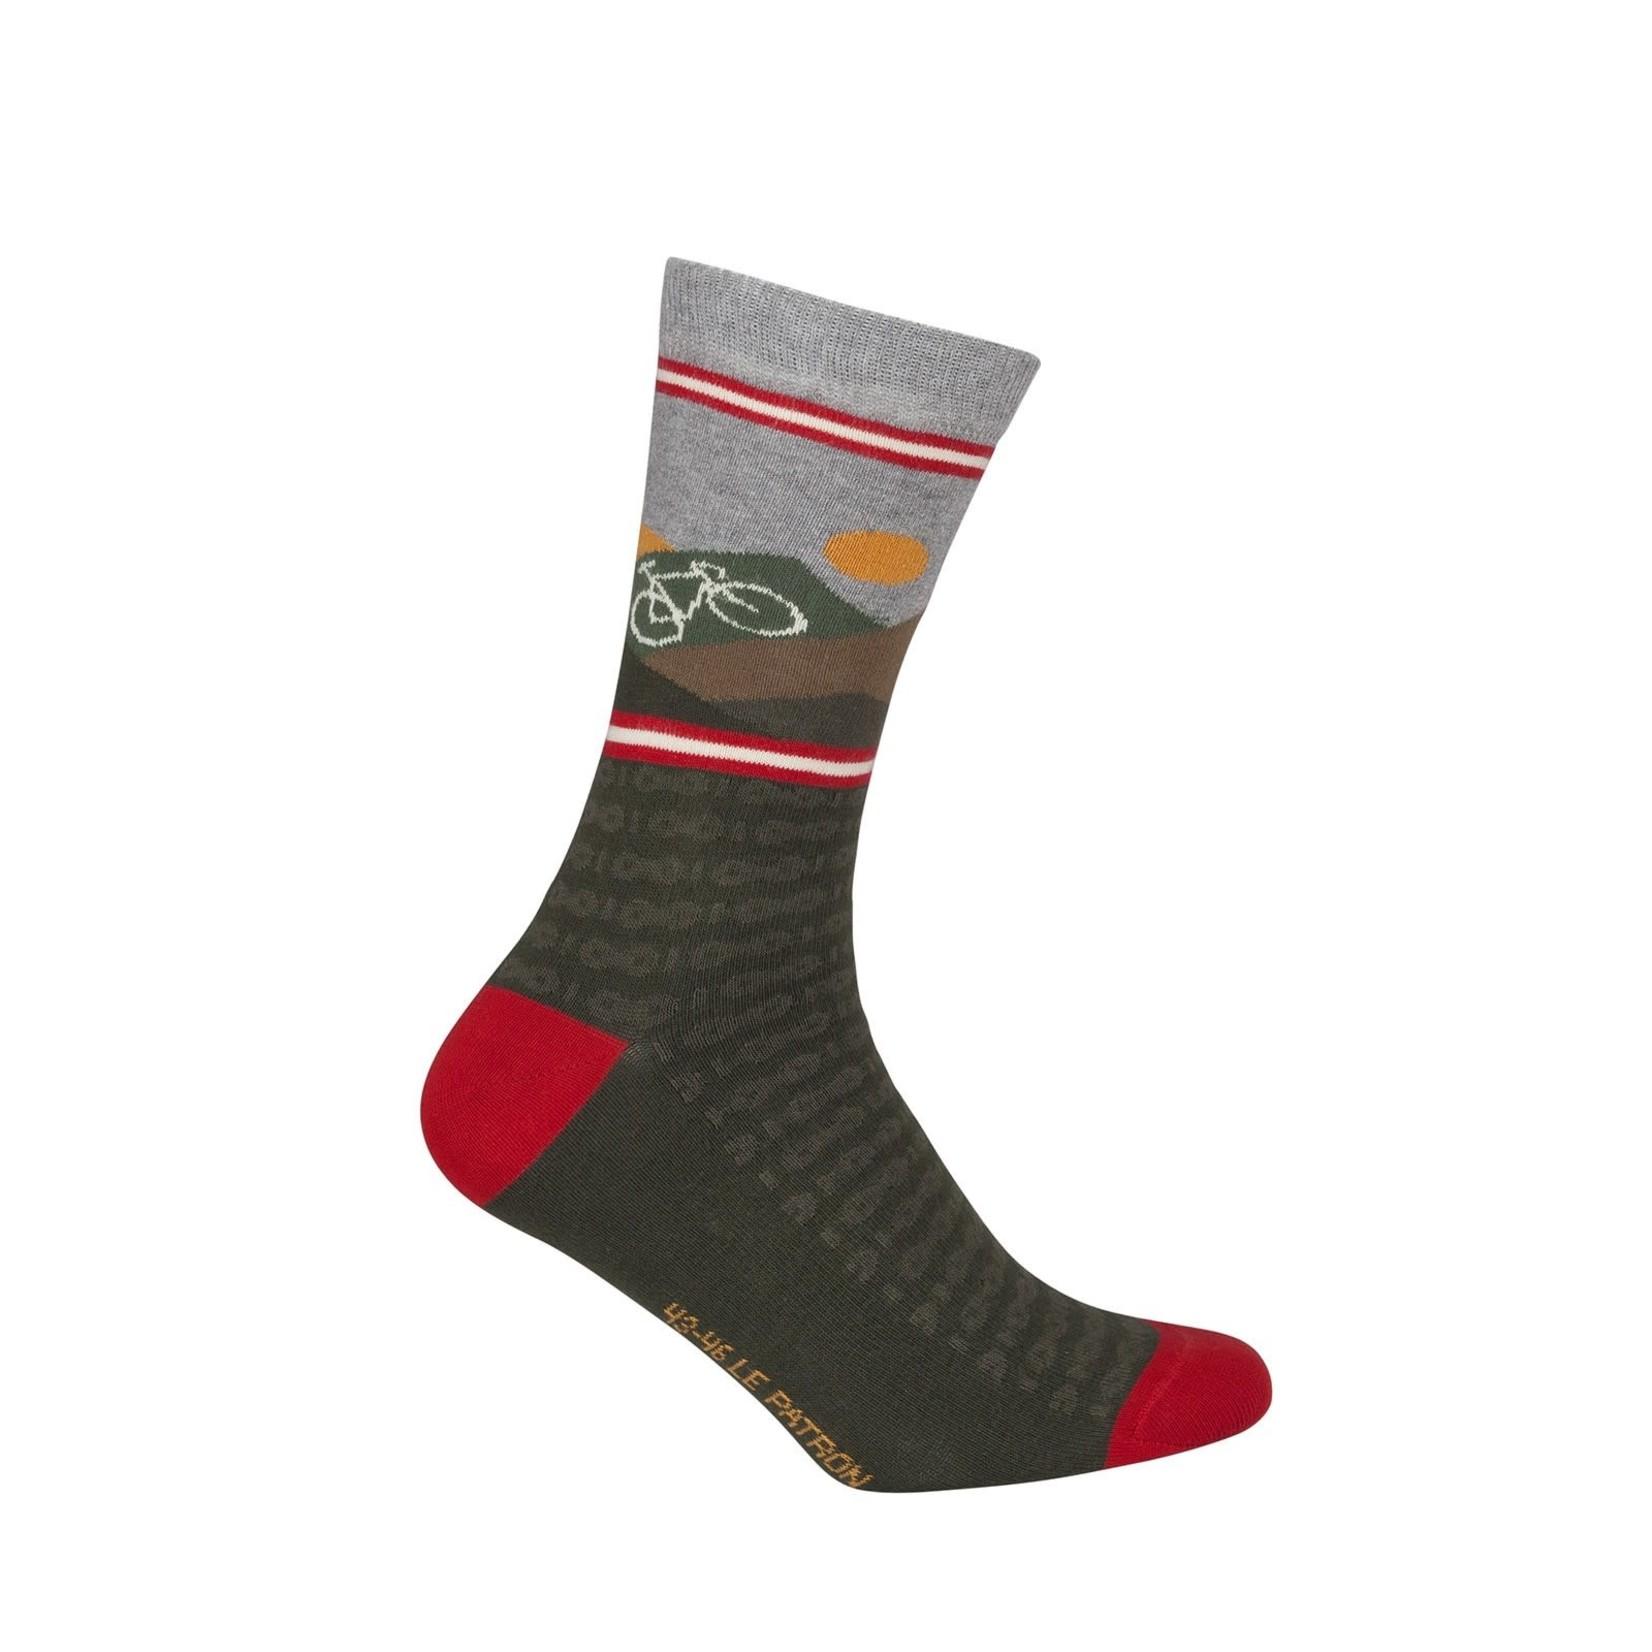 Sokken 'Le Patron' Mountain socks groen